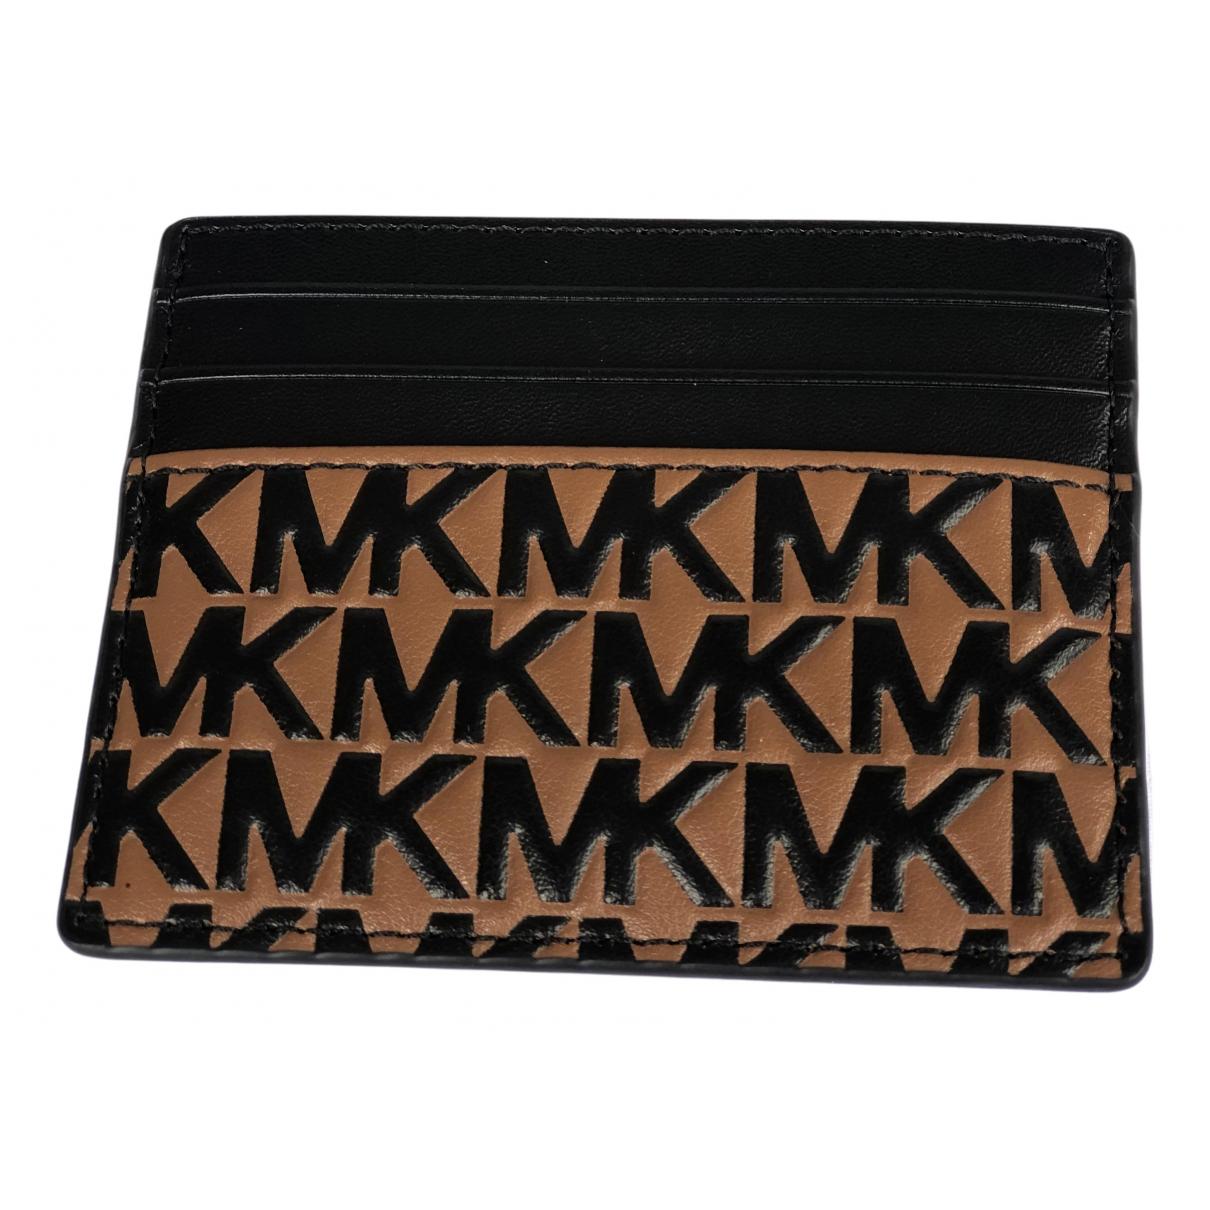 Michael Kors - Portefeuille   pour femme en cuir - multicolore